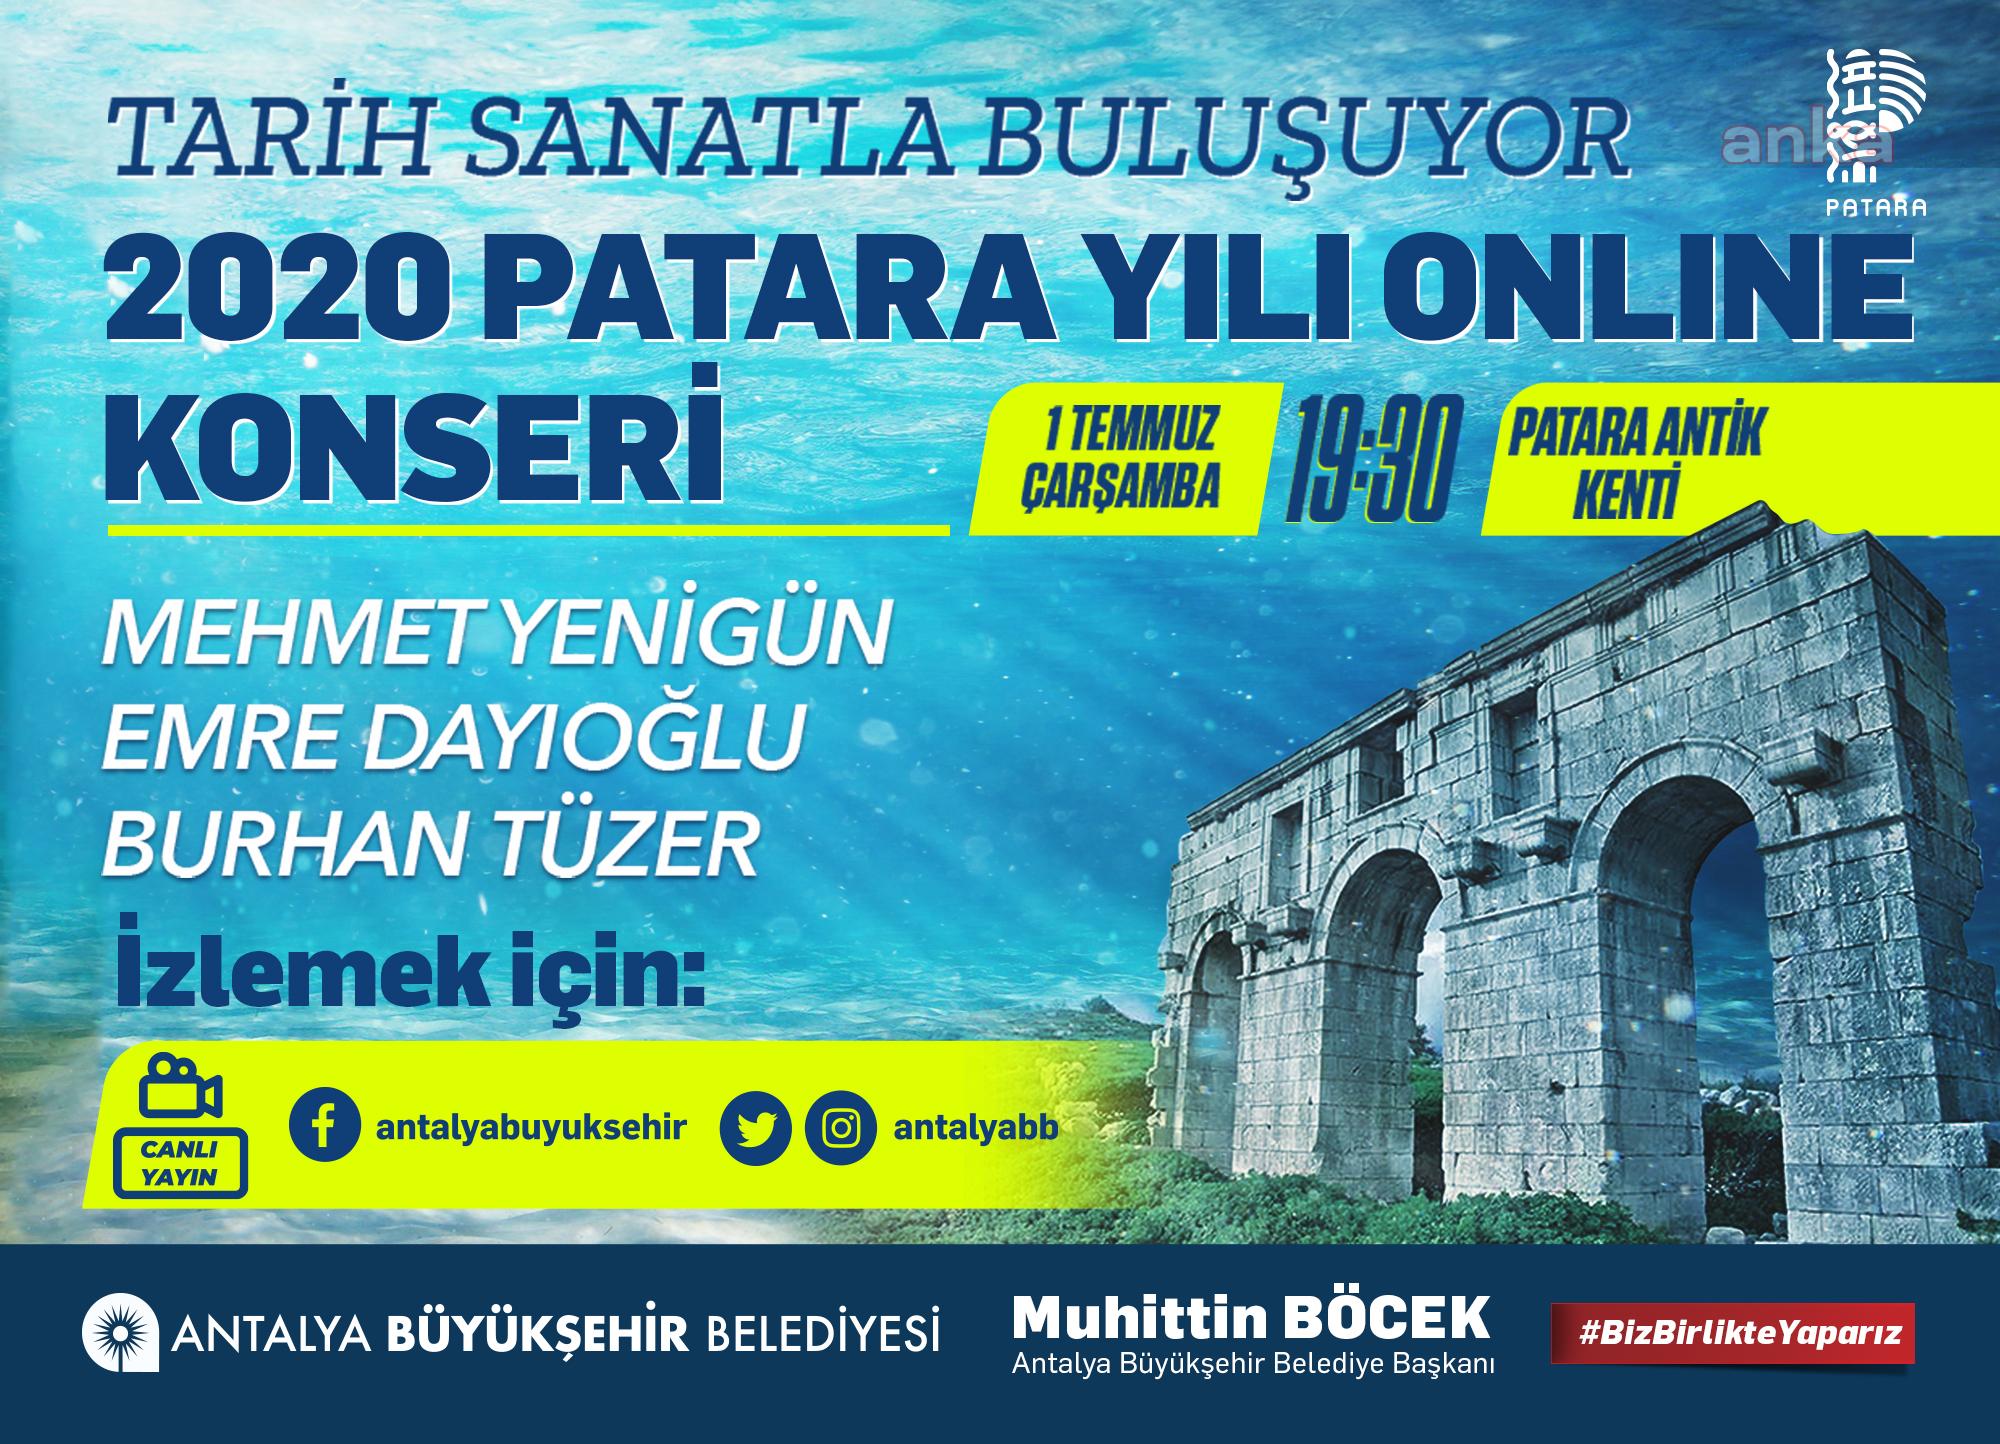 Antalya Patara Antik Kenti'nde online konser